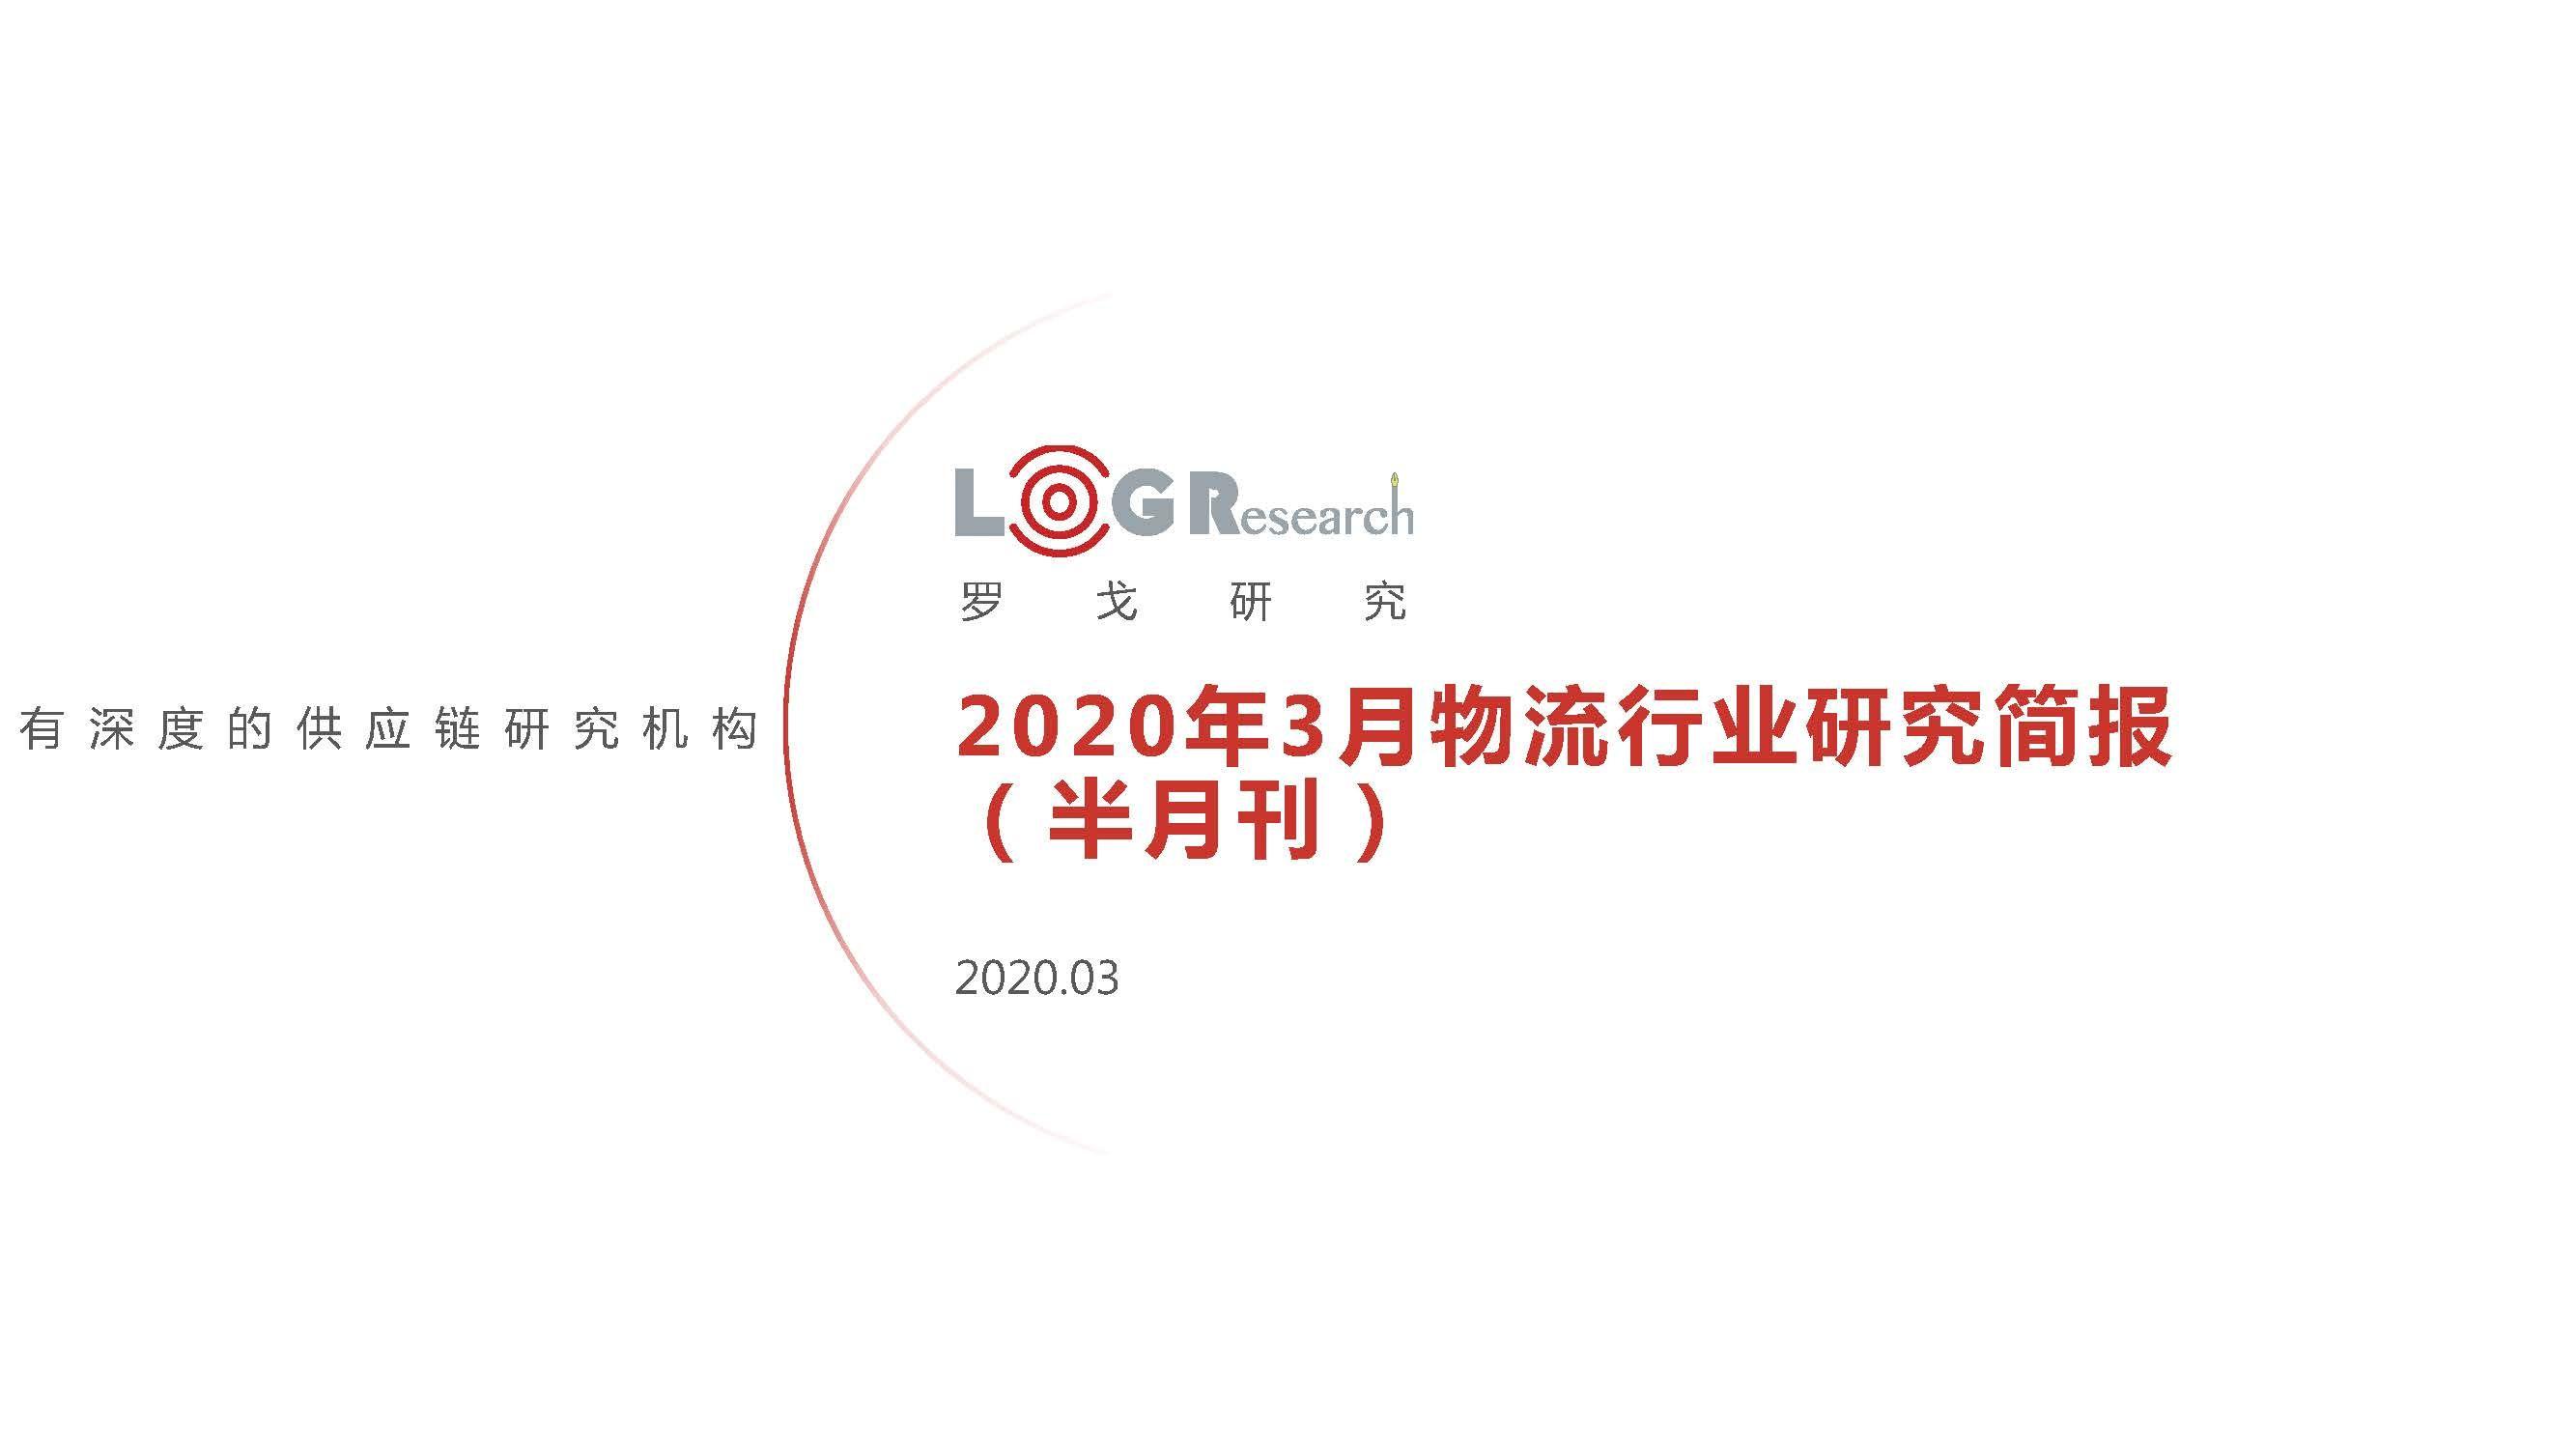 2020年3月物流行業研究(半月刊)